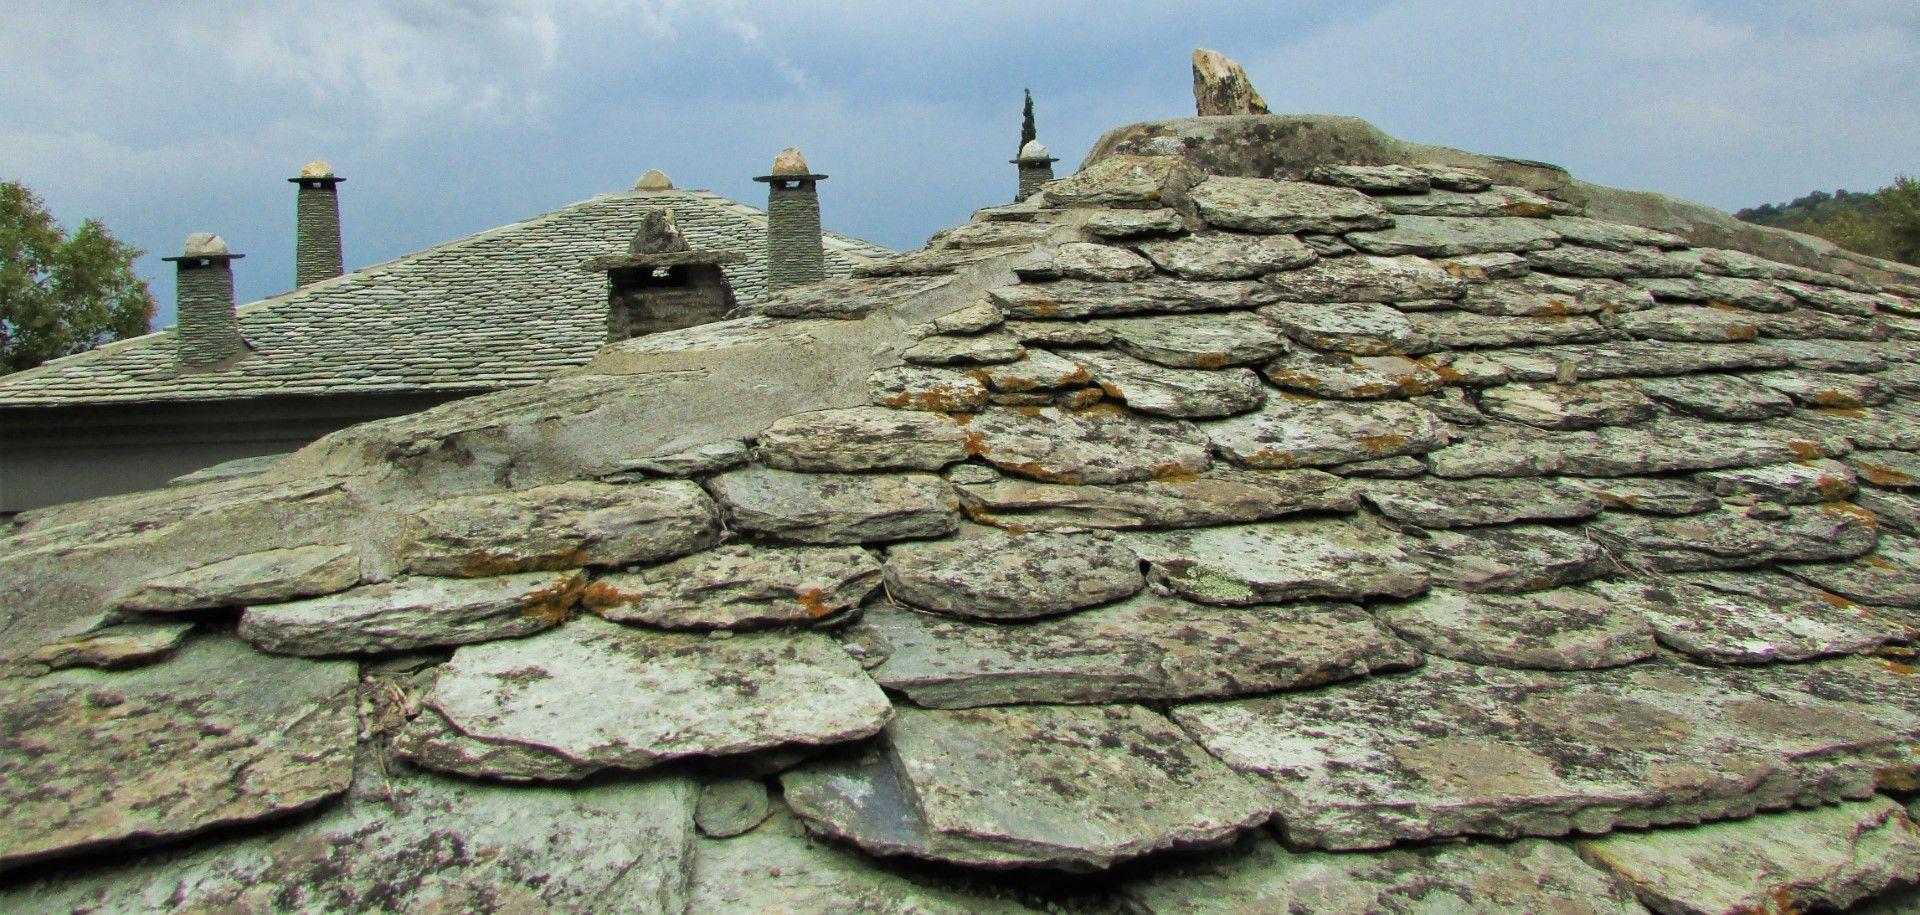 Типични покриви от селата в планината Пелион